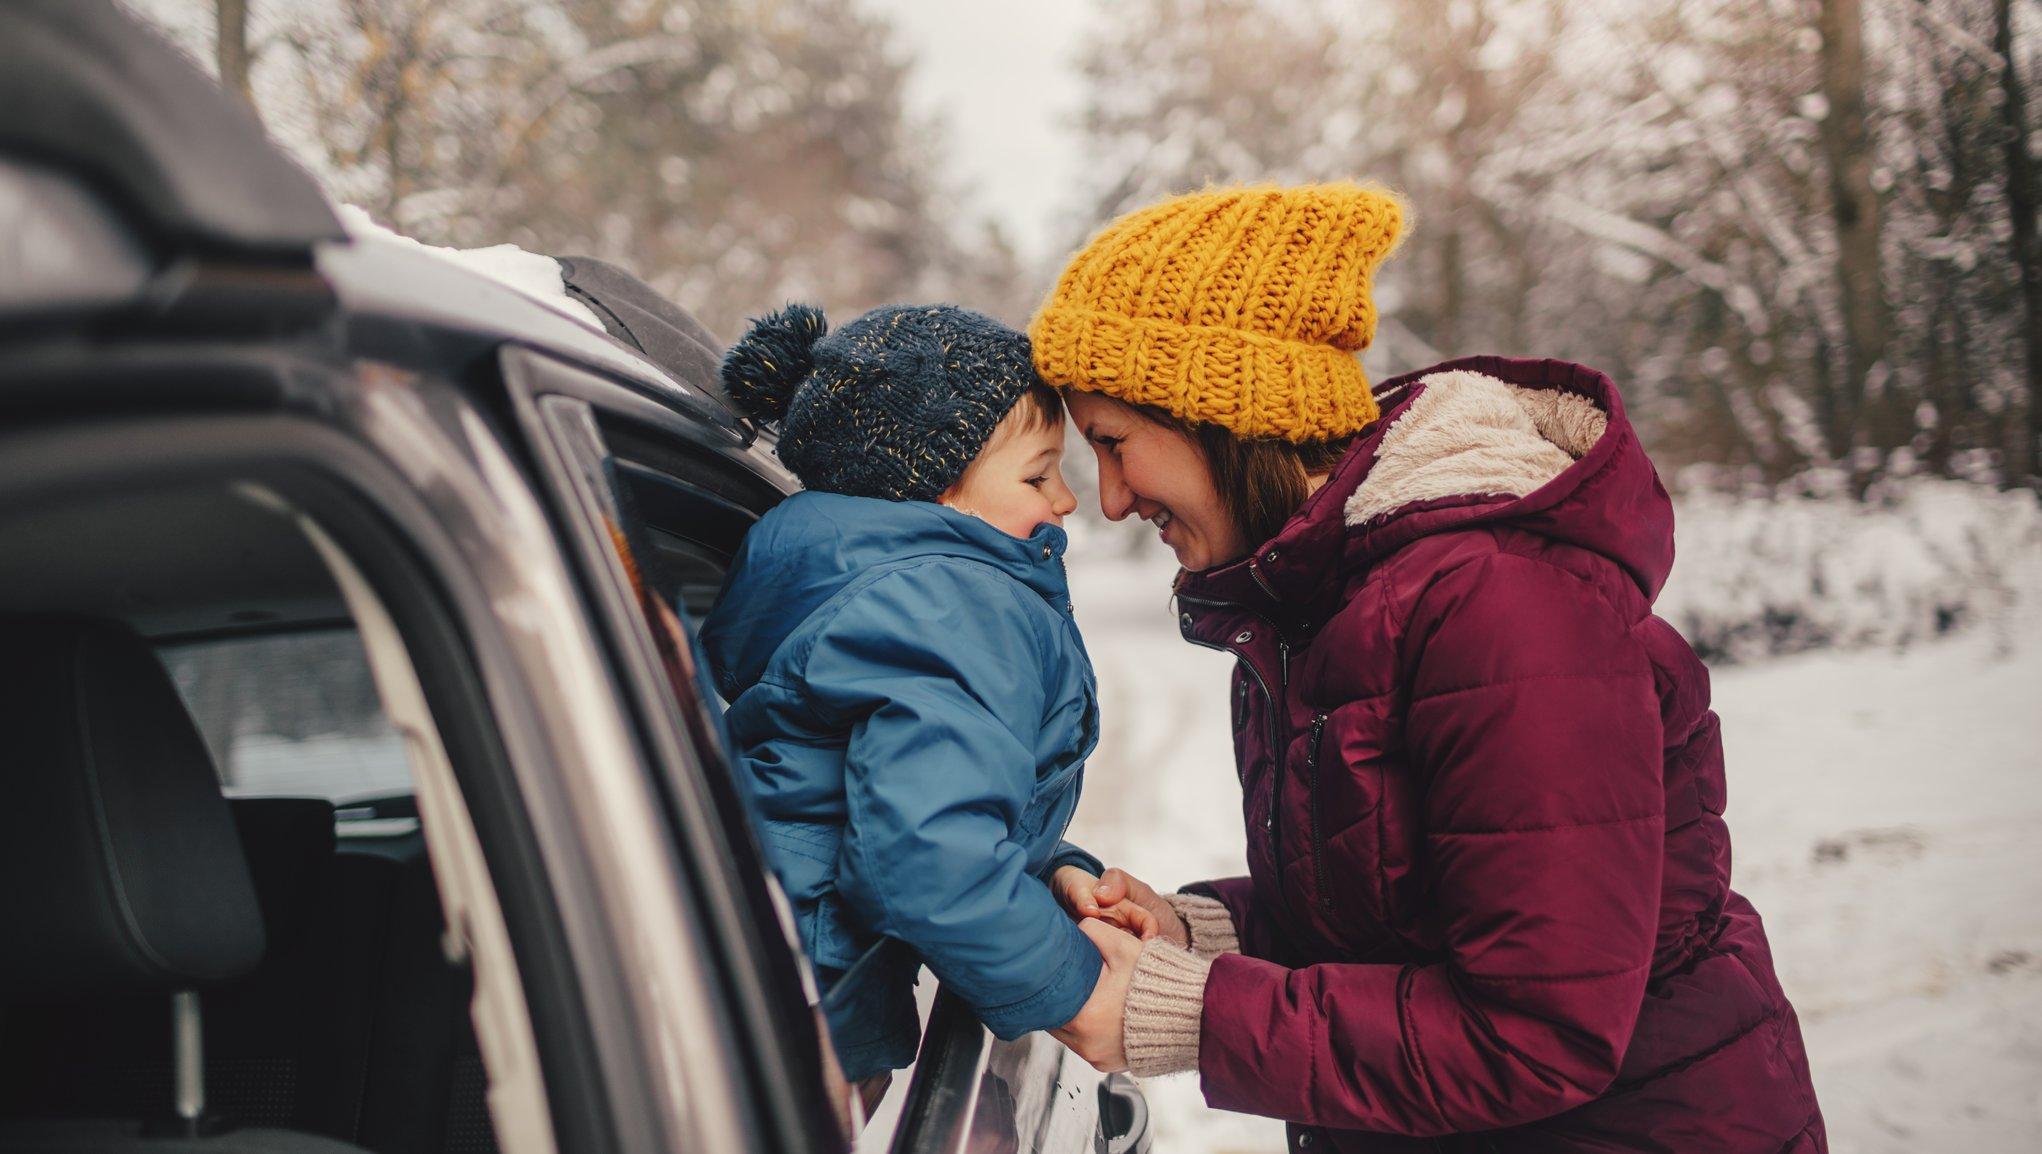 Lapsi ja äiti auton ulkopuolella talvella